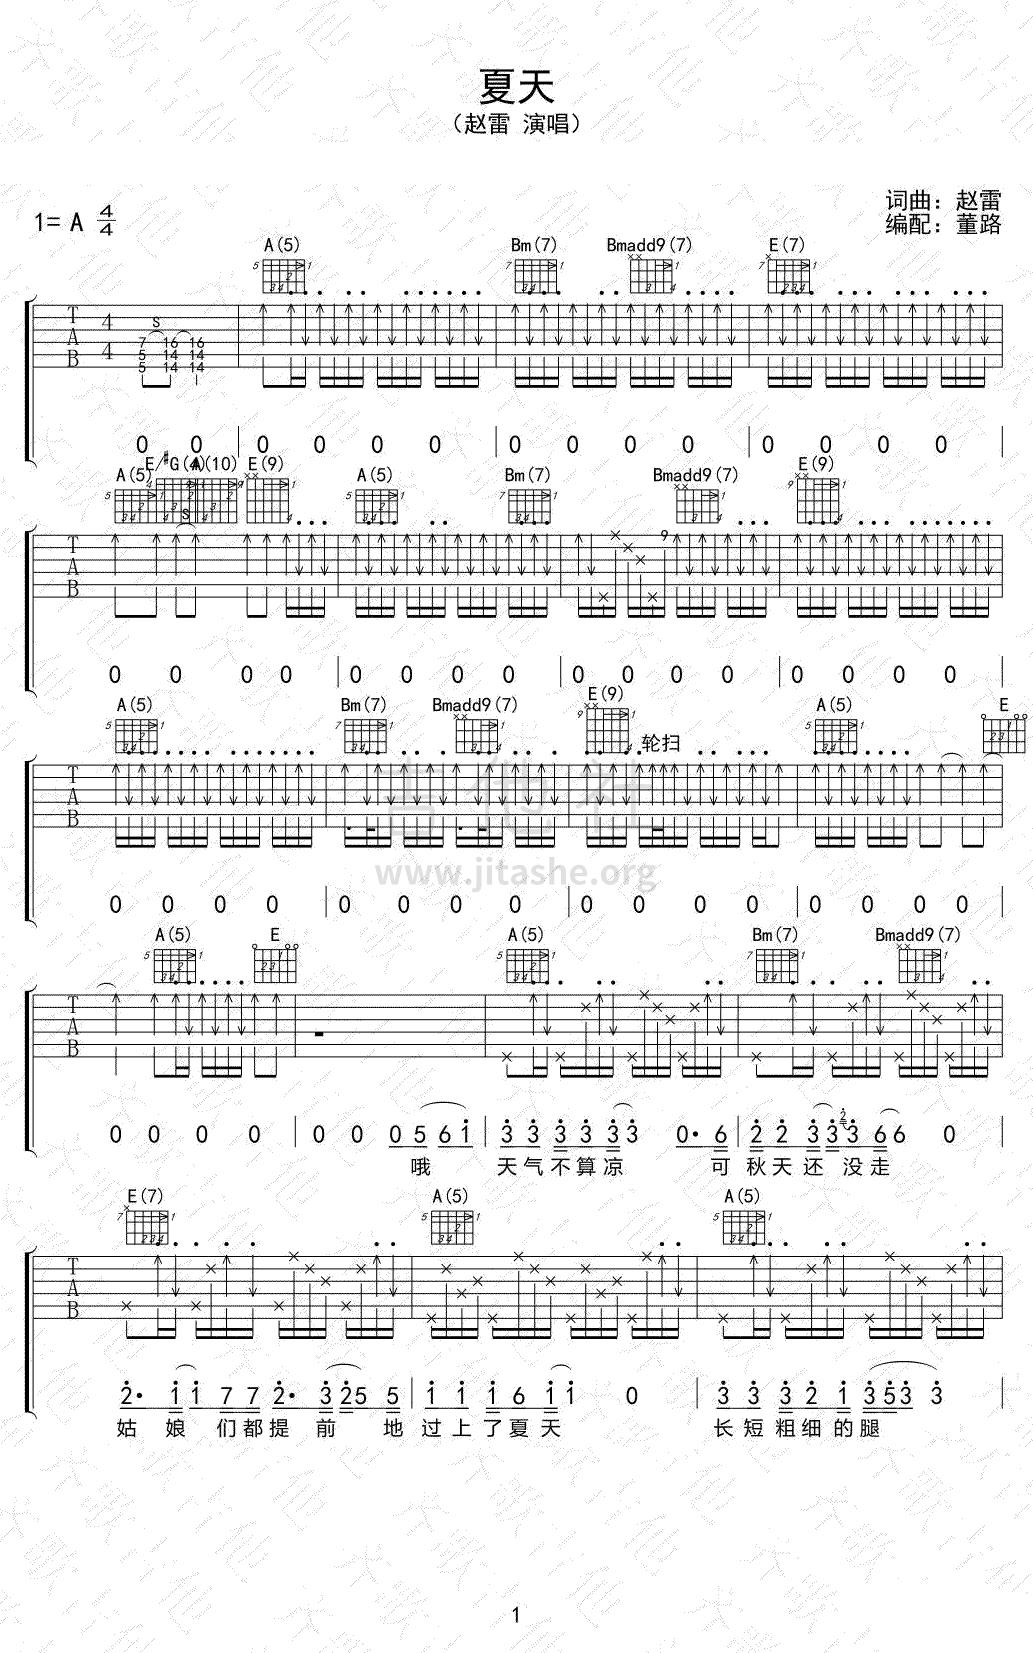 夏天吉他谱(图片谱,赵雷,夏天)_赵雷(雷子)